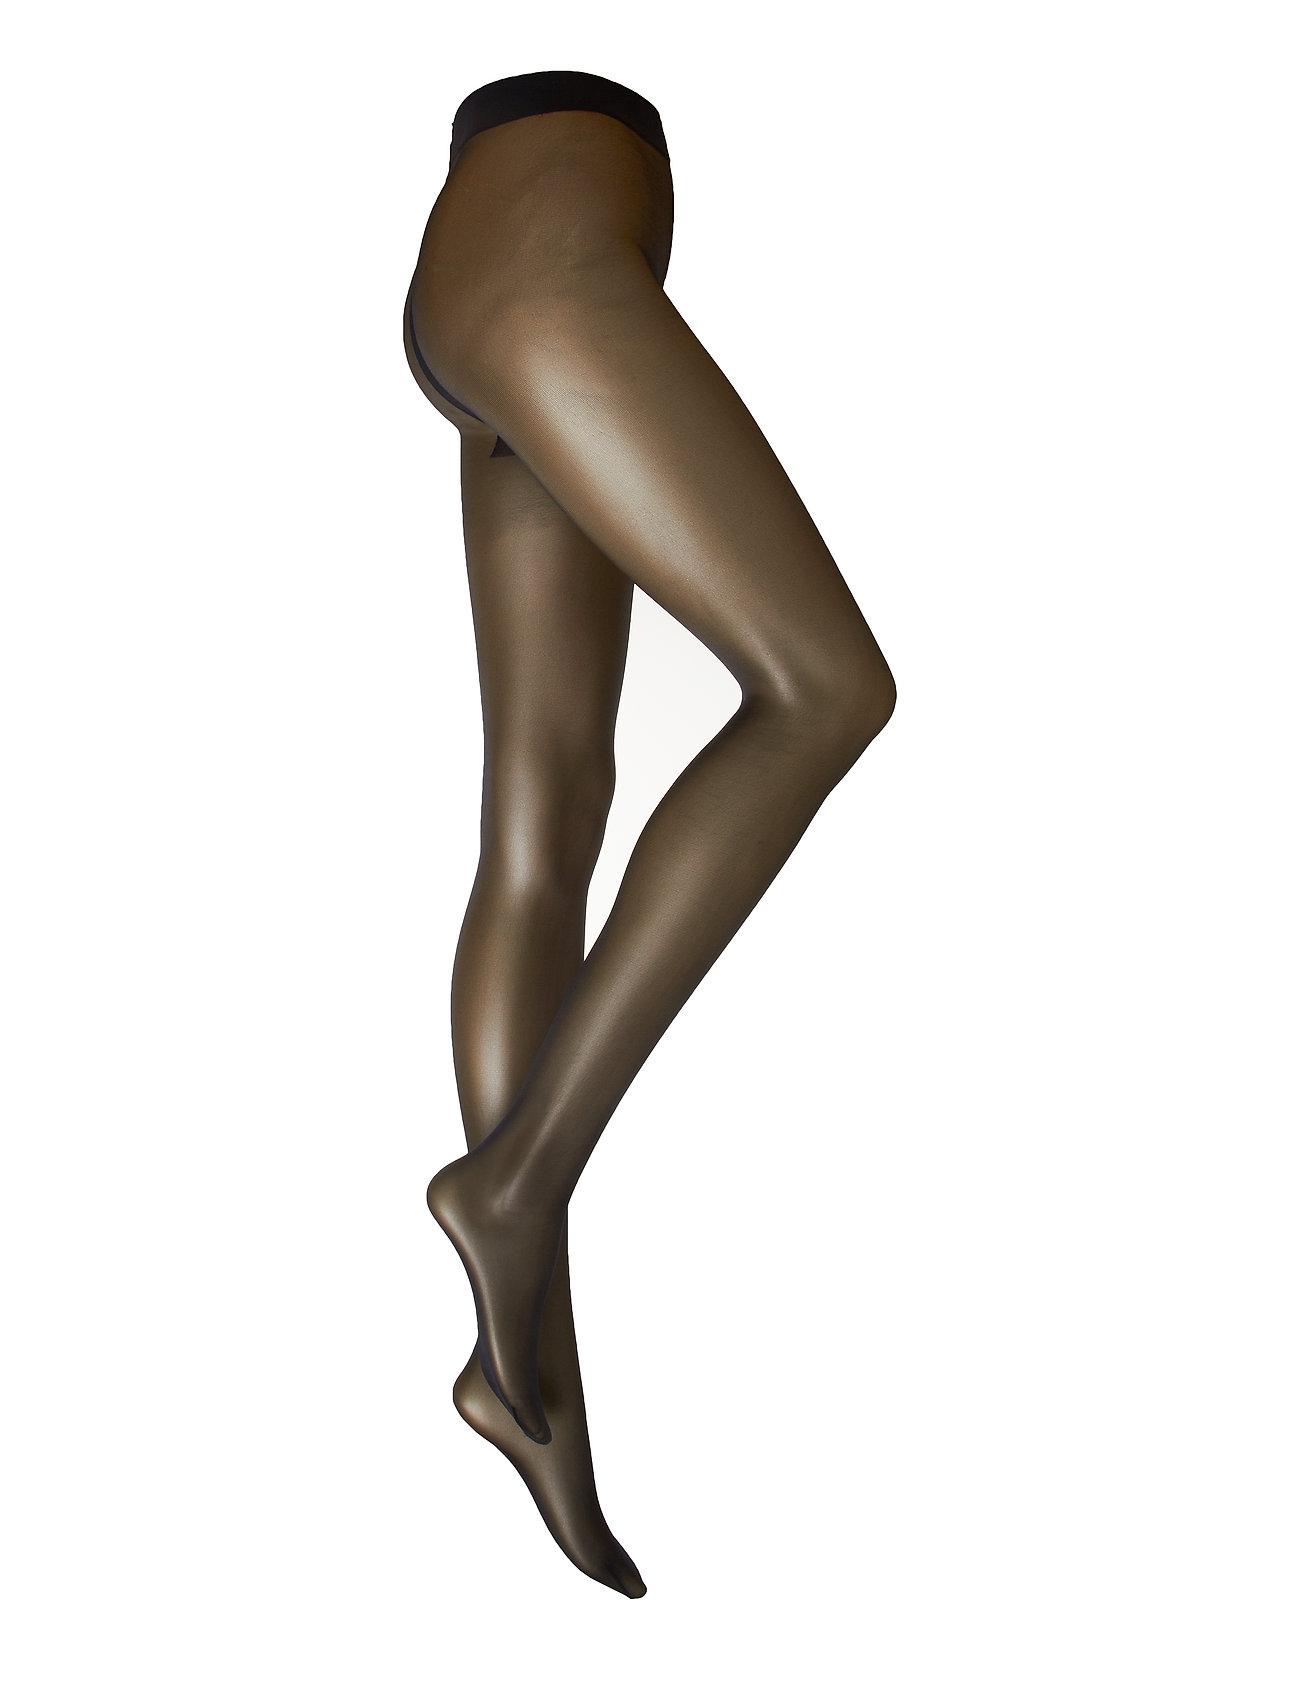 Decoy DECOY tights silk look 20 den